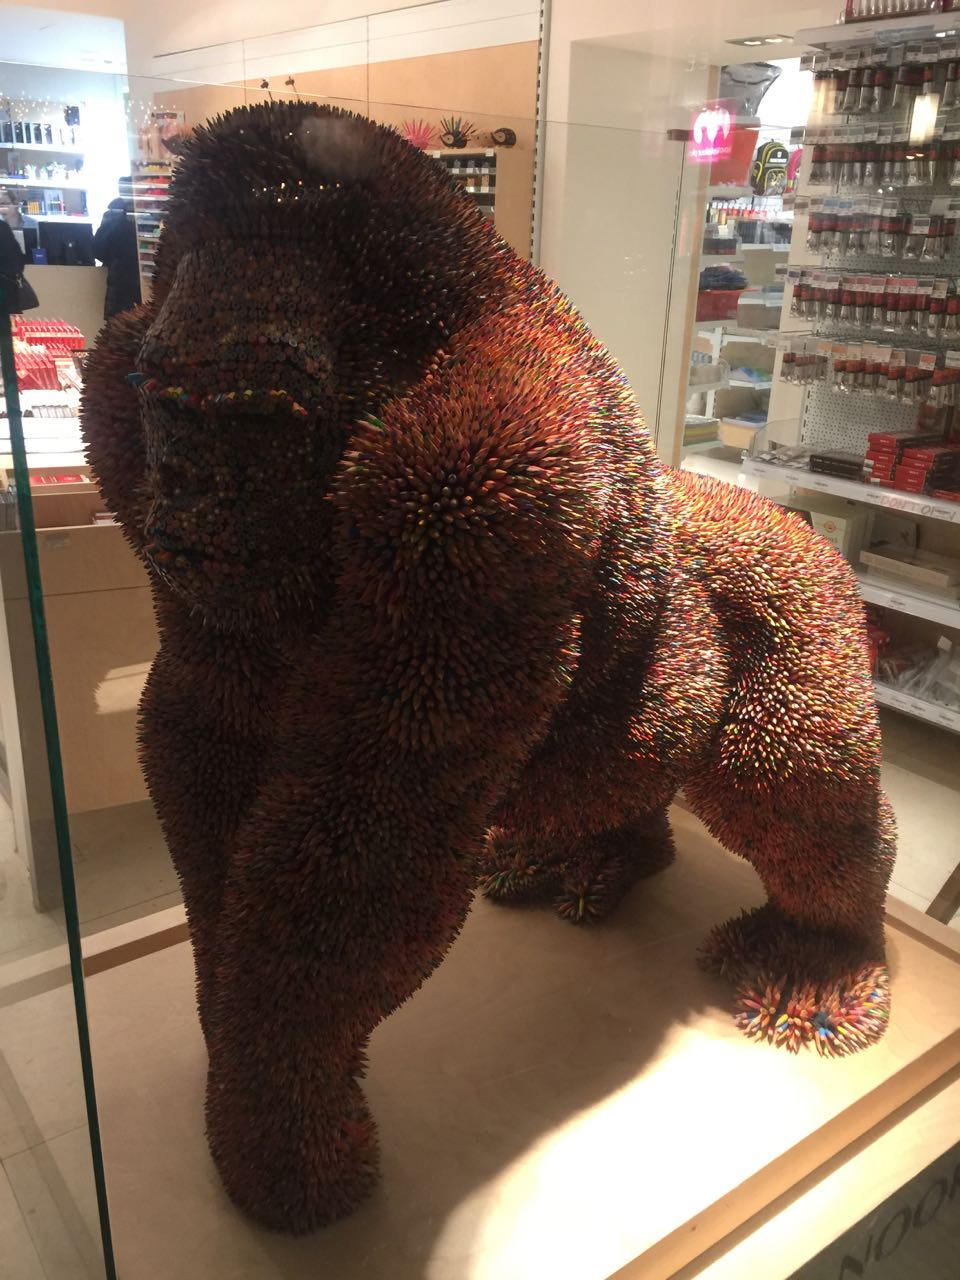 gorilla made of pencils